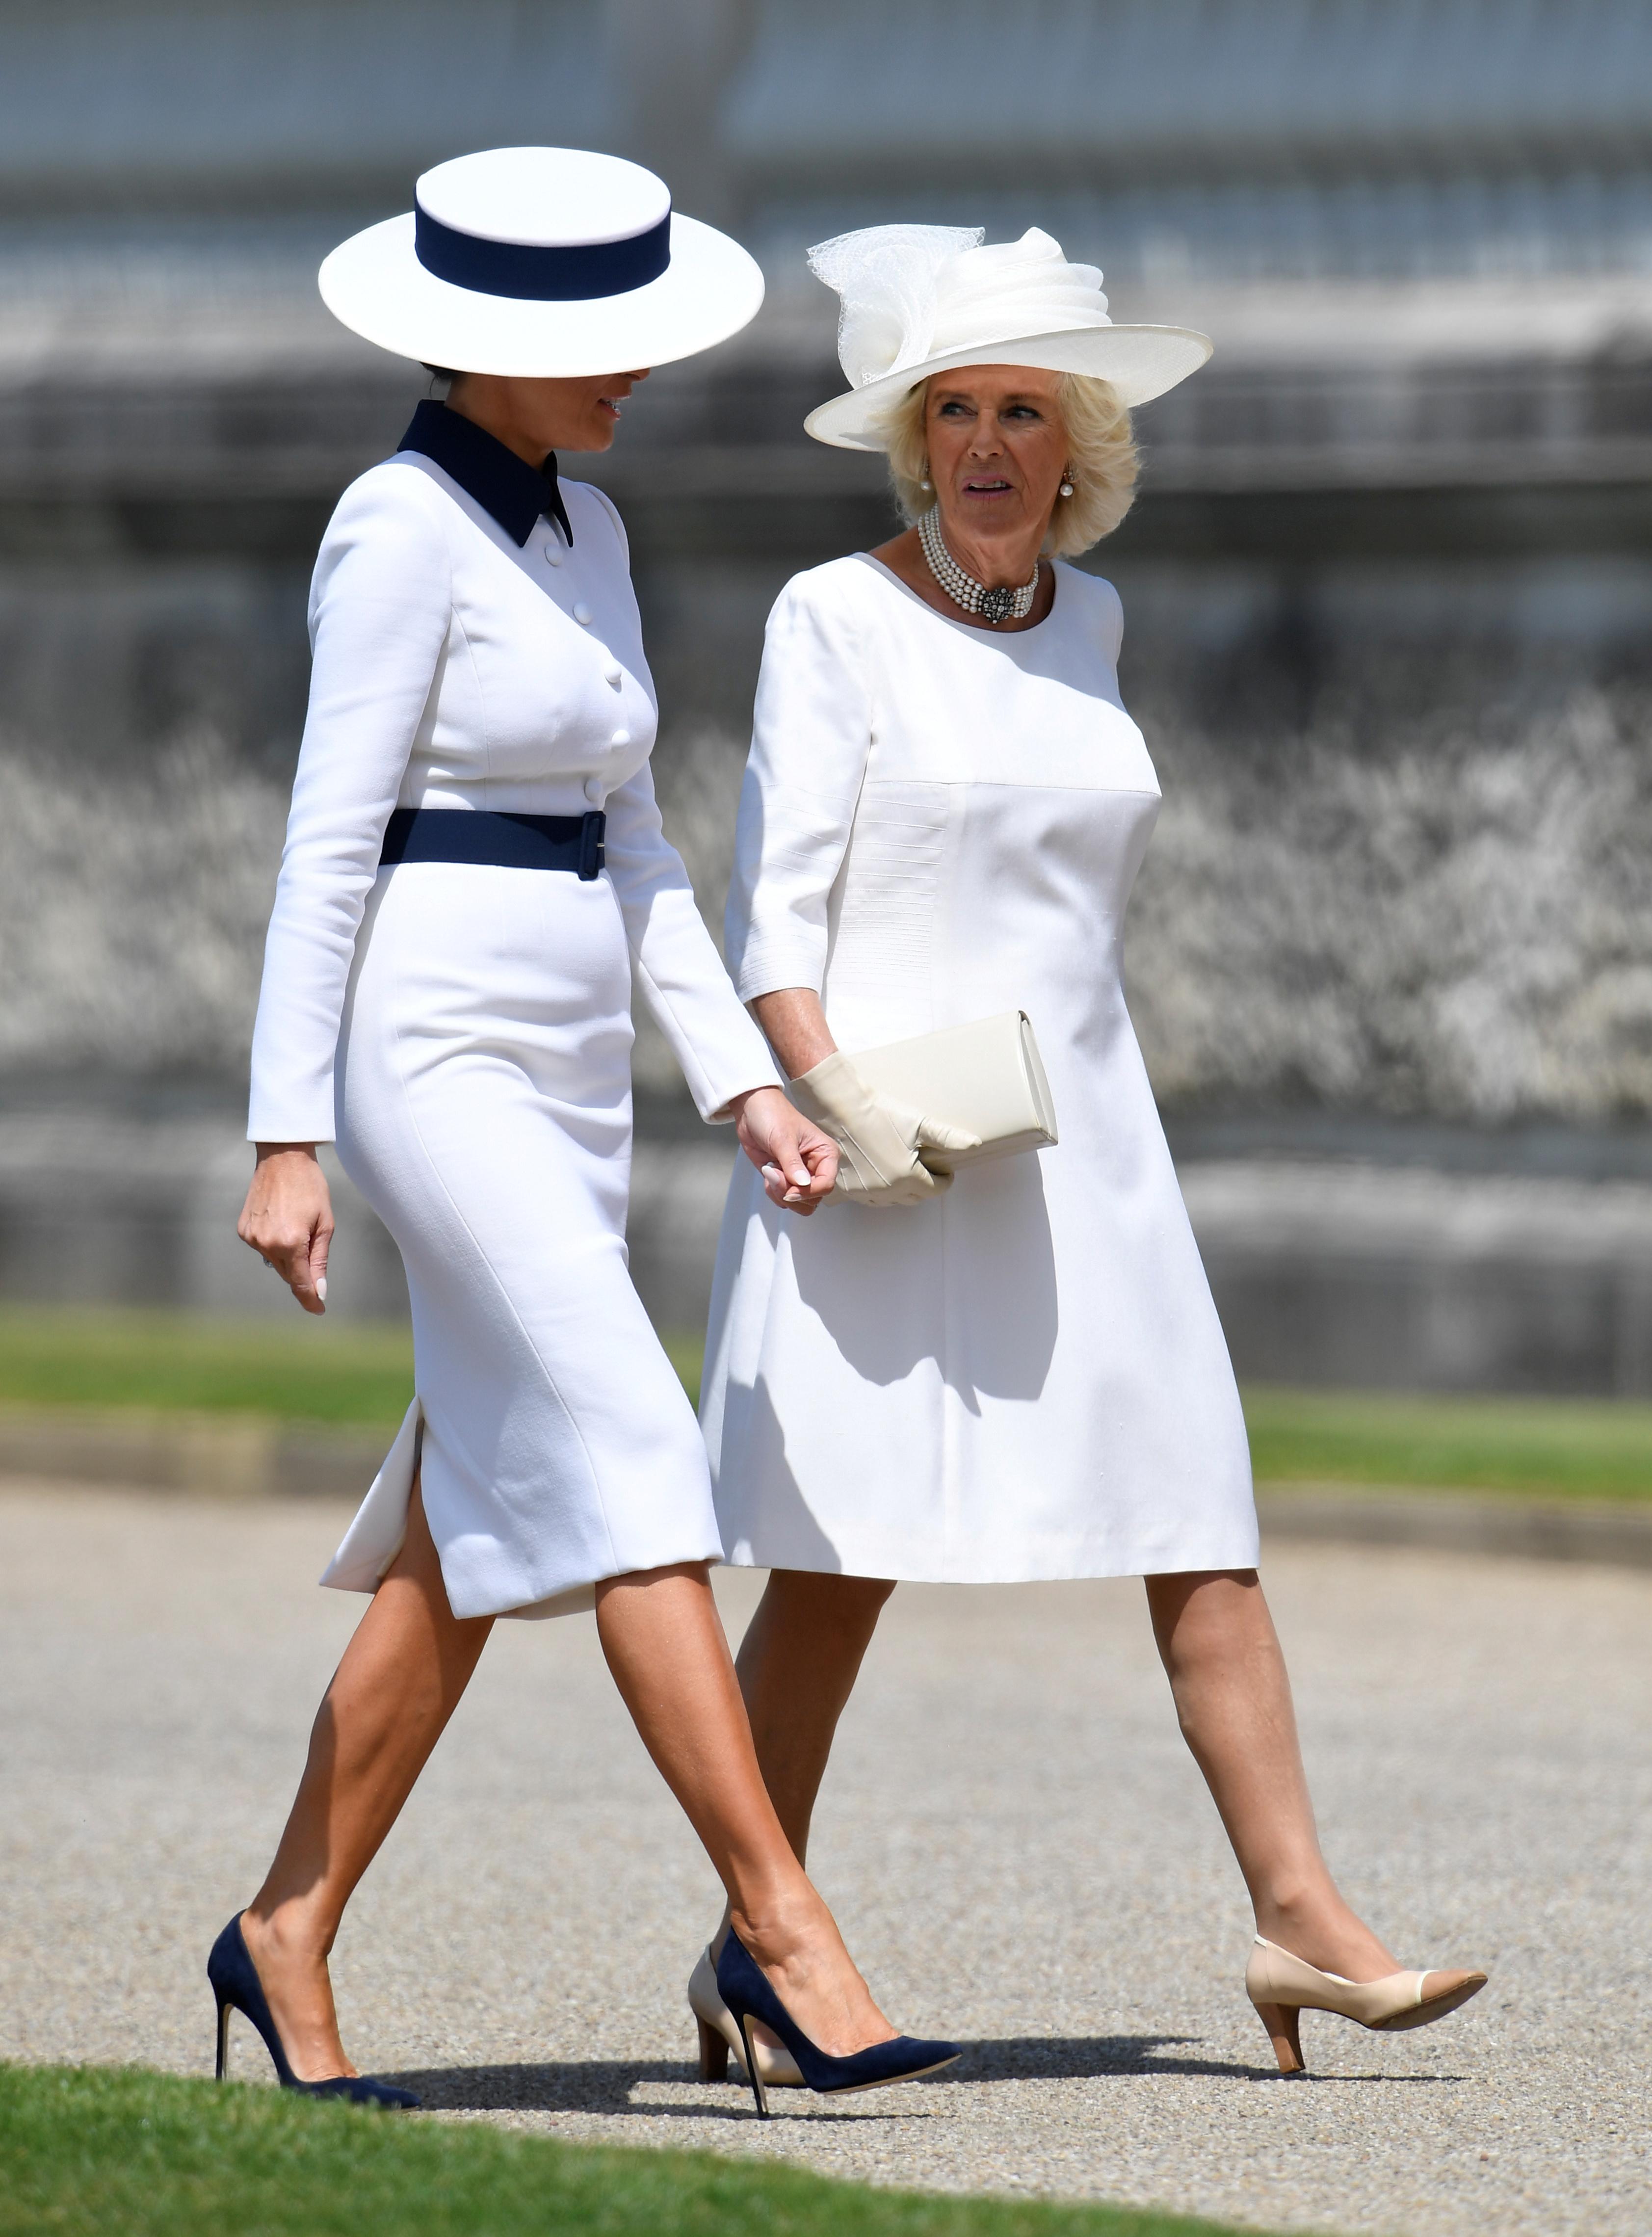 السيدة الأولى ميلانيا برفقة زوجة الأمير تشارلز كاميلا دوقة كورنوال